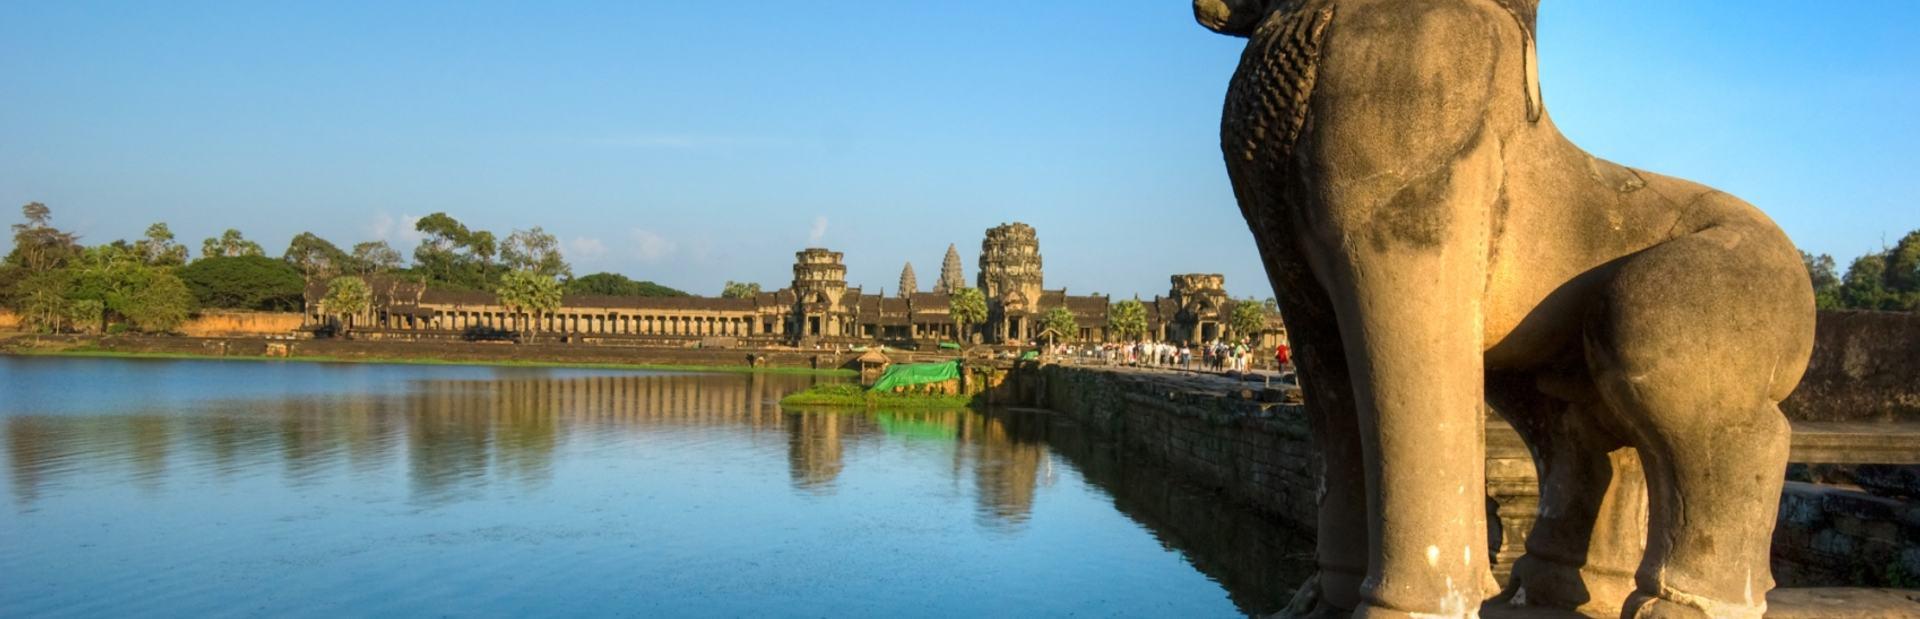 Cambodia guide